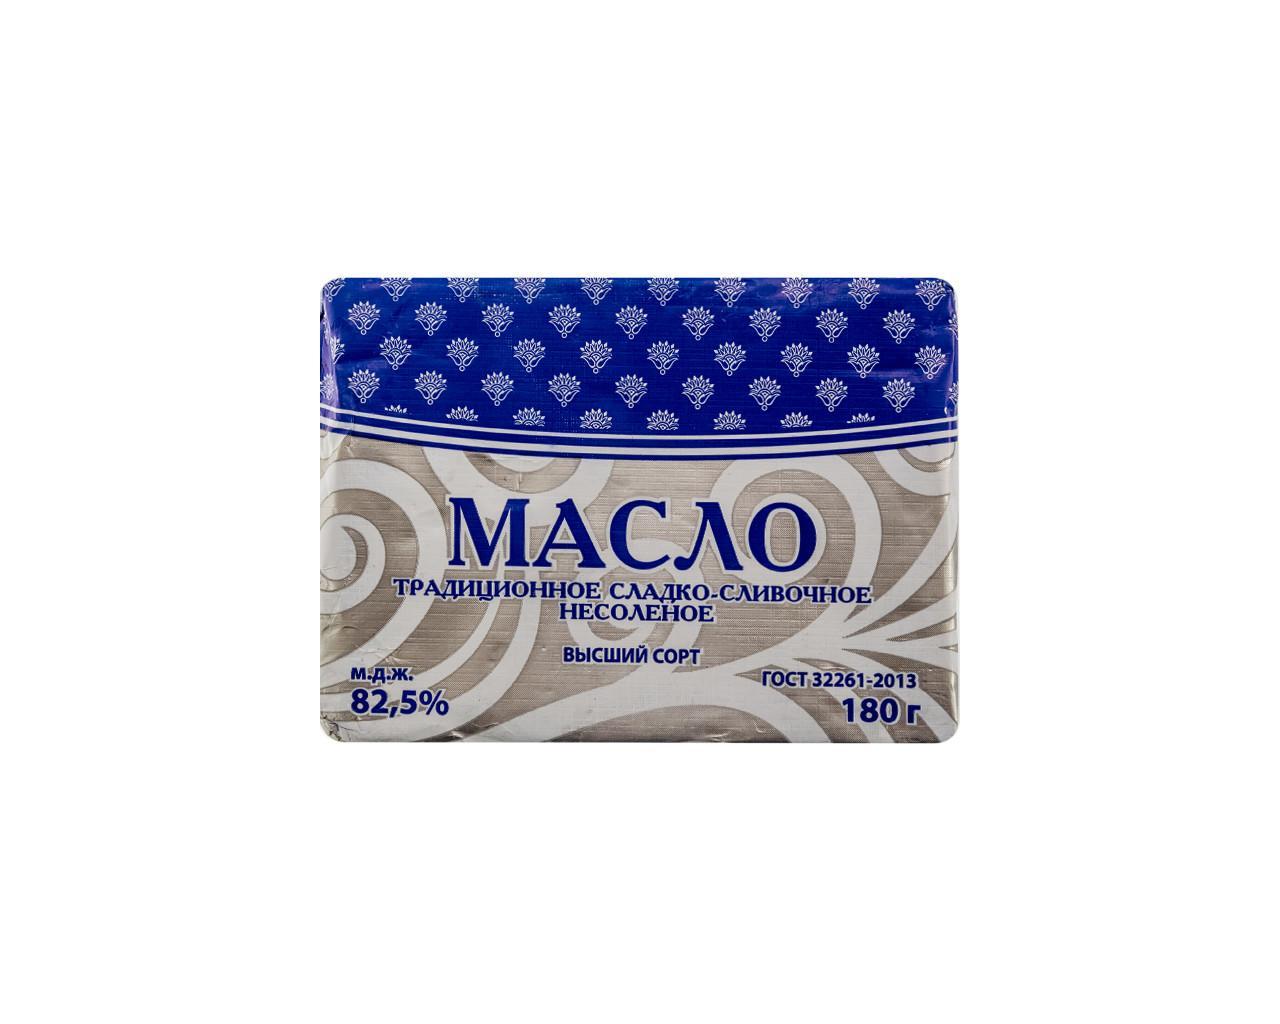 Масло Молоко плюс сливочное традиционное 82,5%